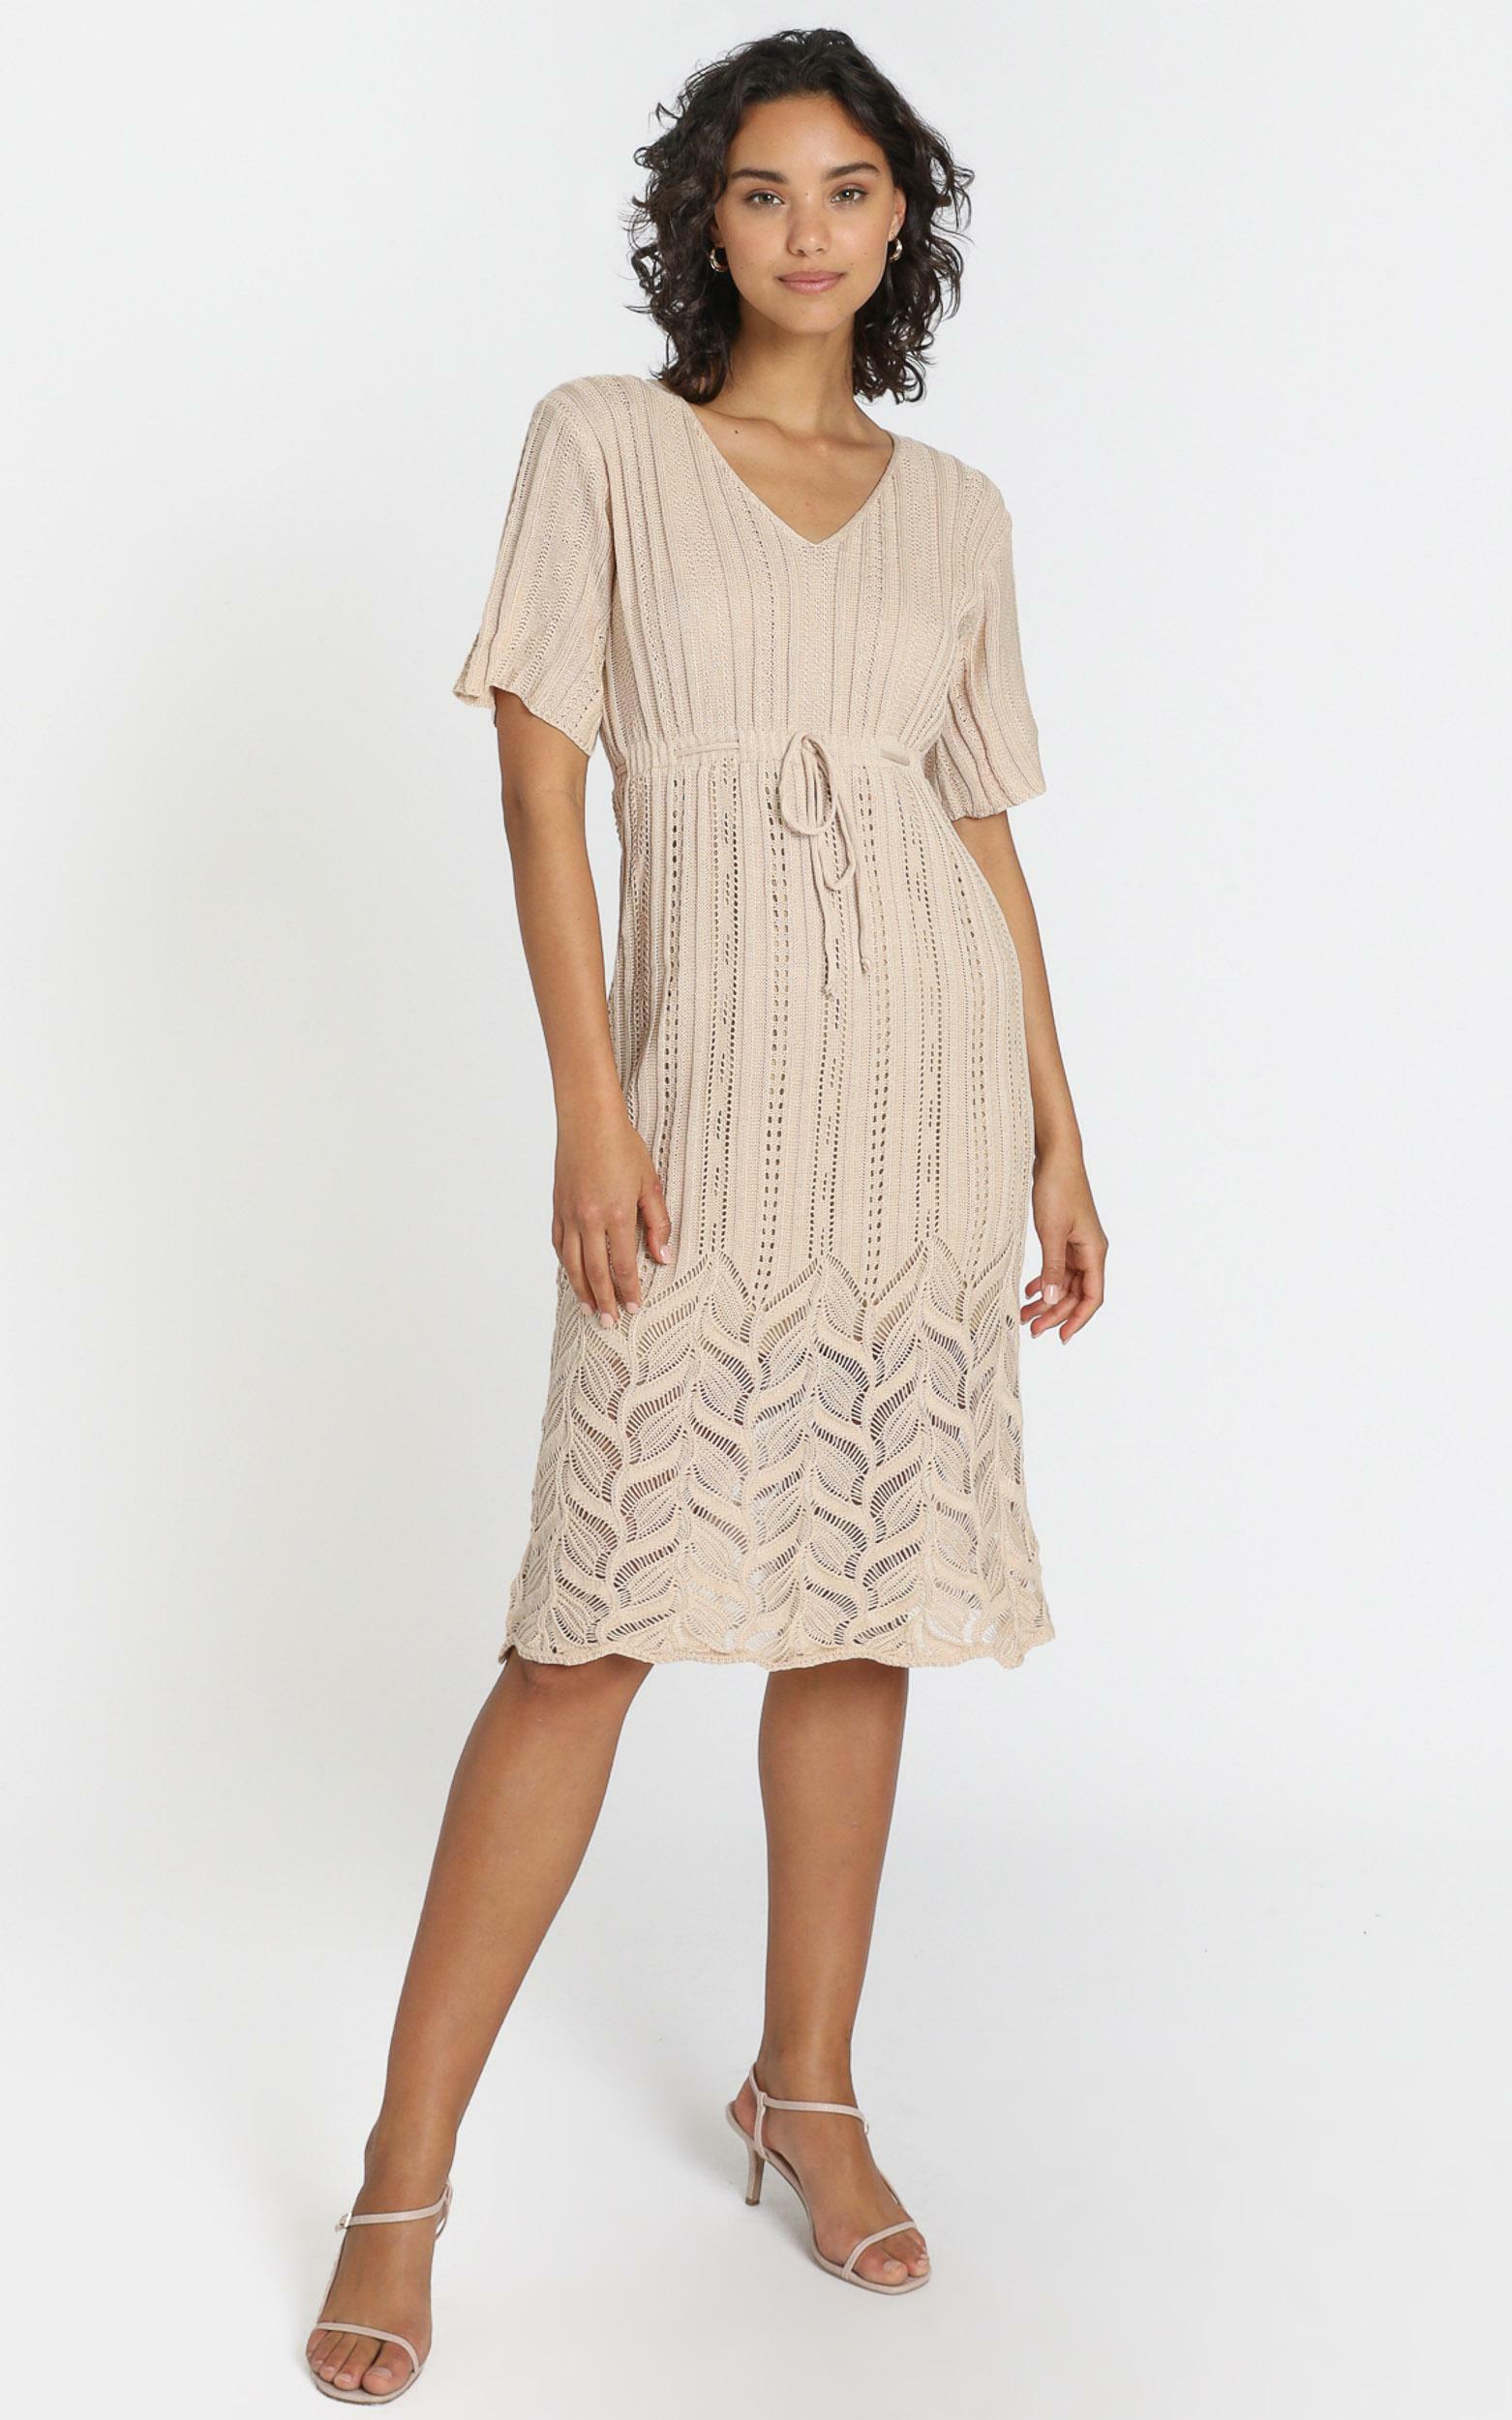 Alyssia Dress in Beige - S, Beige, hi-res image number null